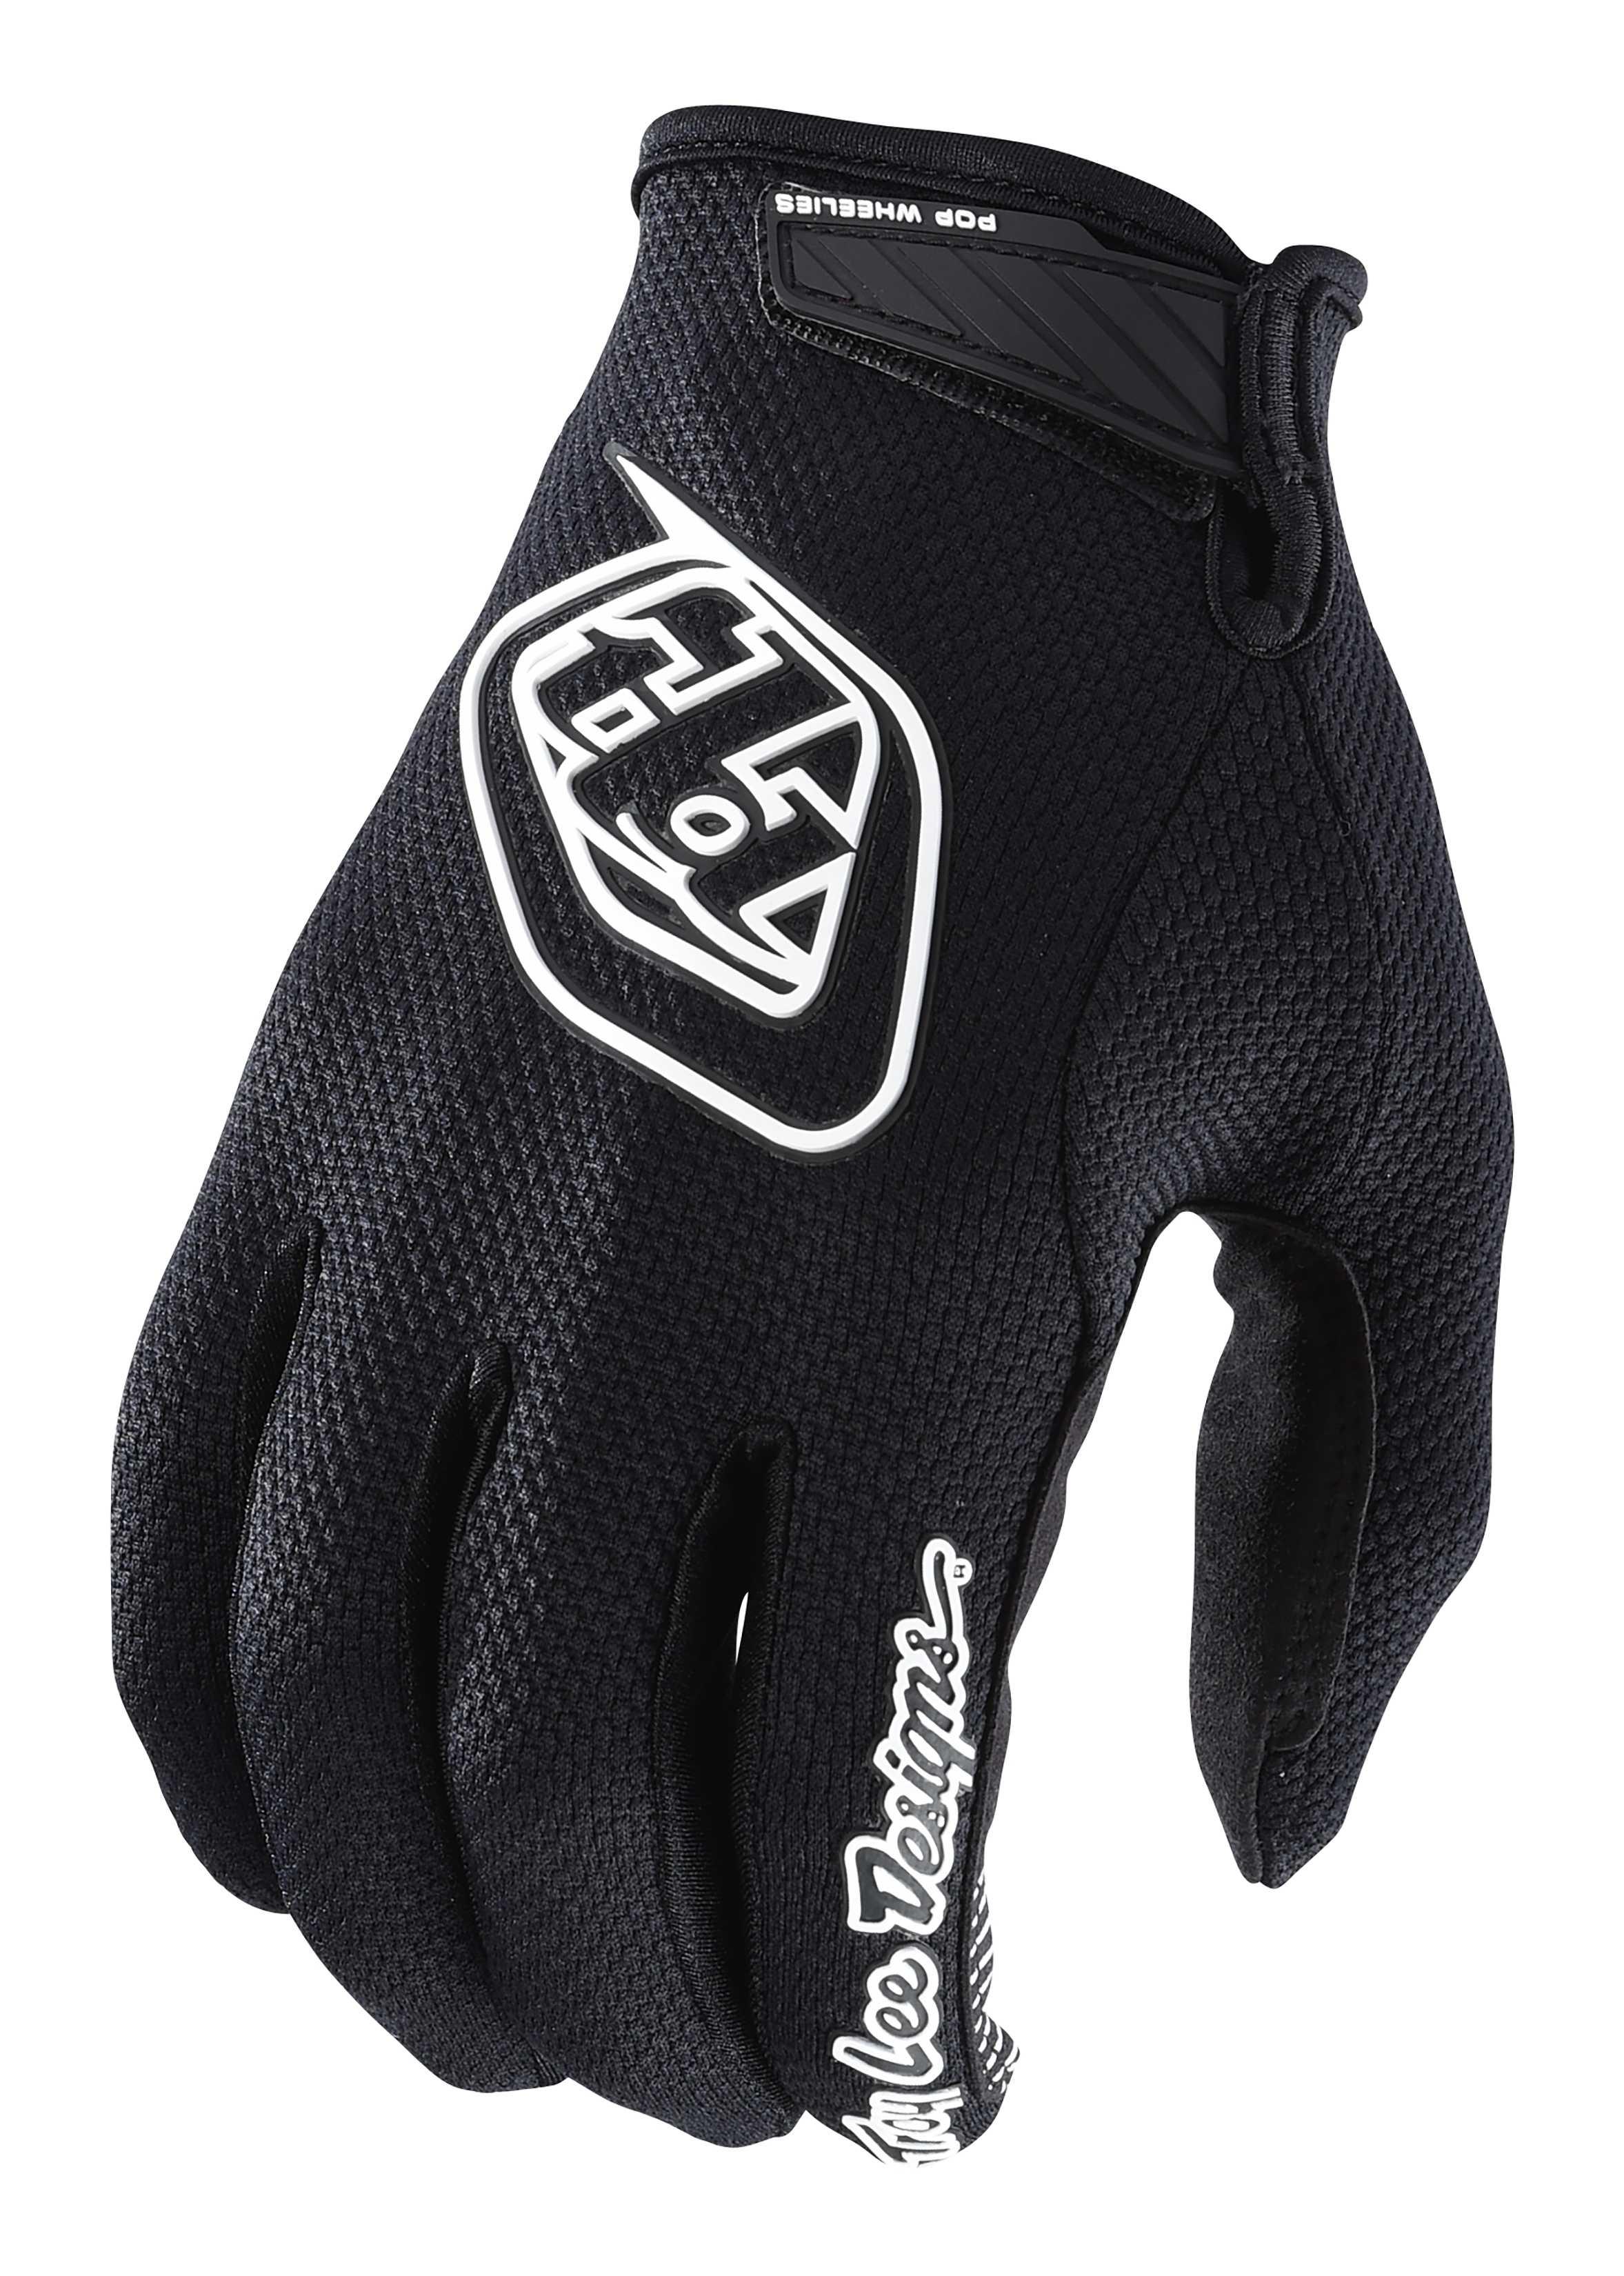 Handsker Troy Lee Designs Air sort | Gloves